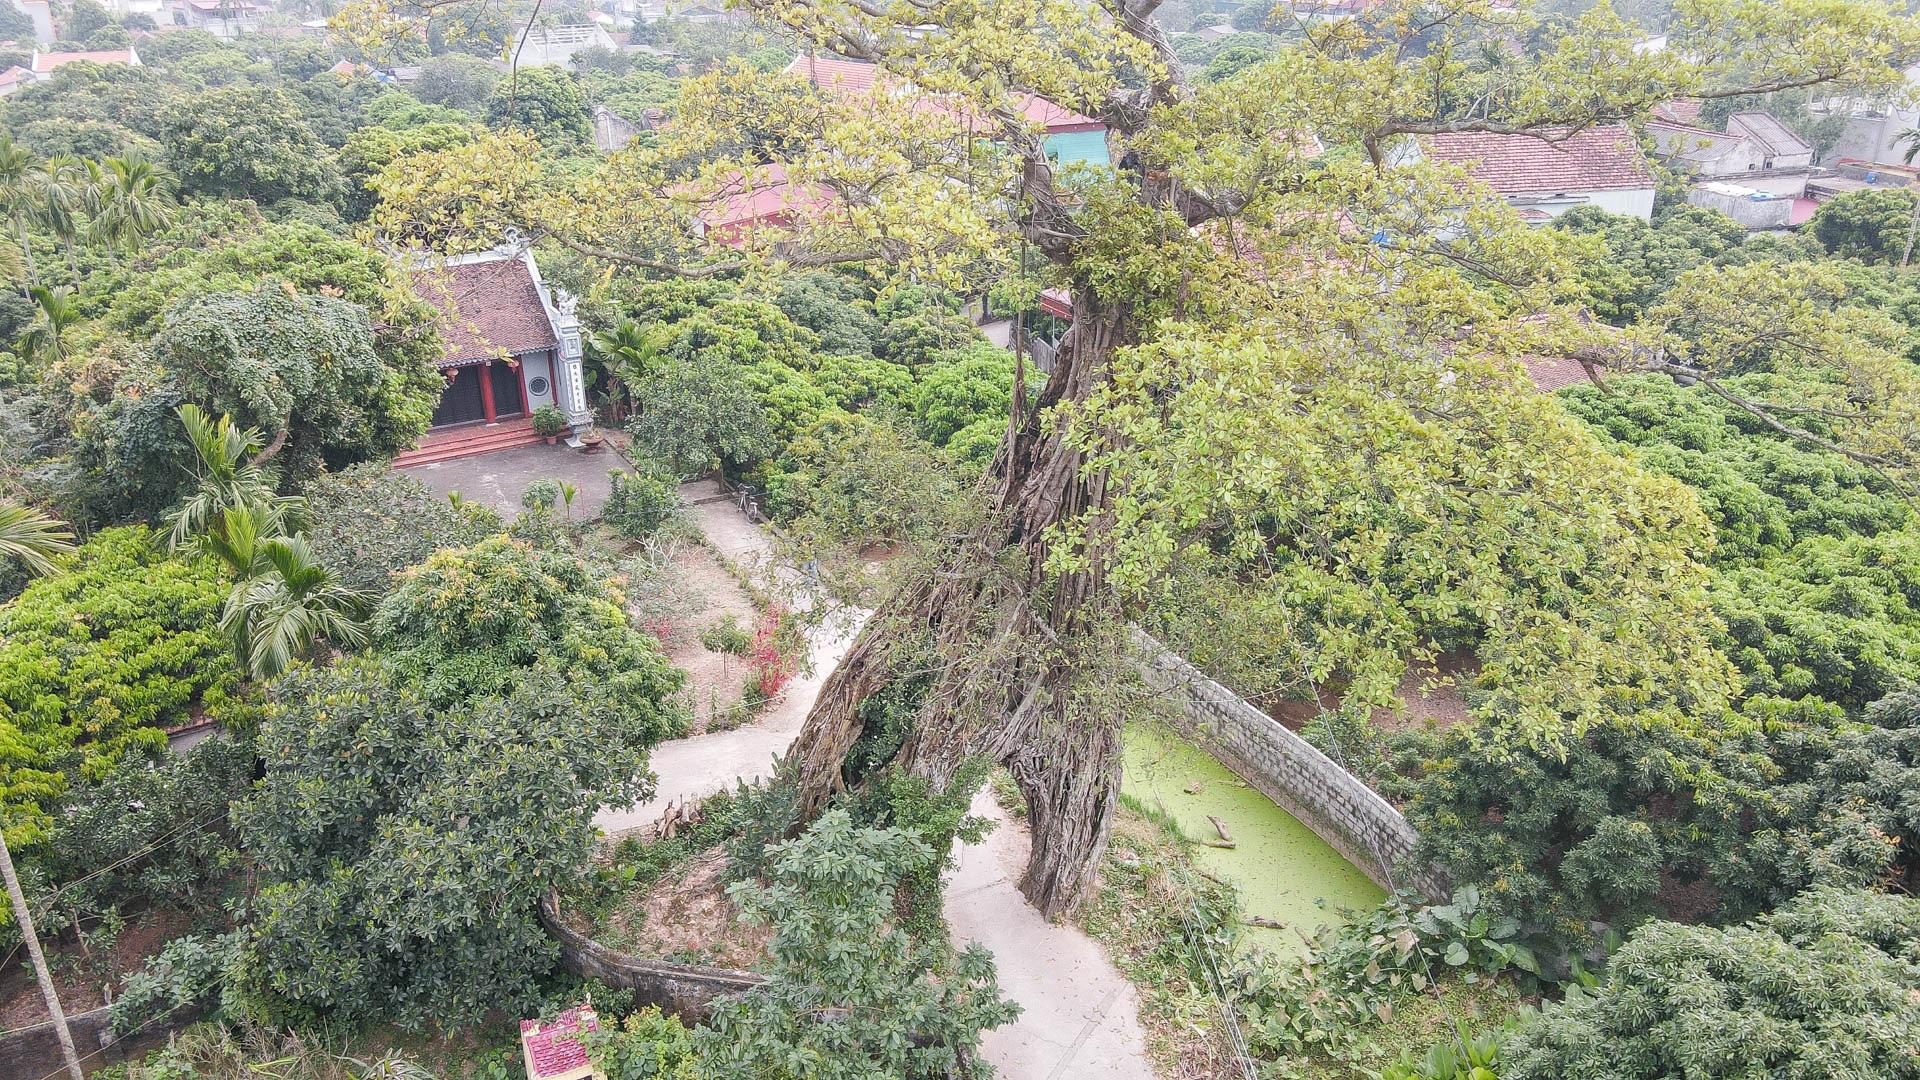 """Cây đa 500 tuổi có bộ rễ khủng tạo thành cổng làng """"độc"""" nhất ở Hưng Yên - Ảnh 6."""